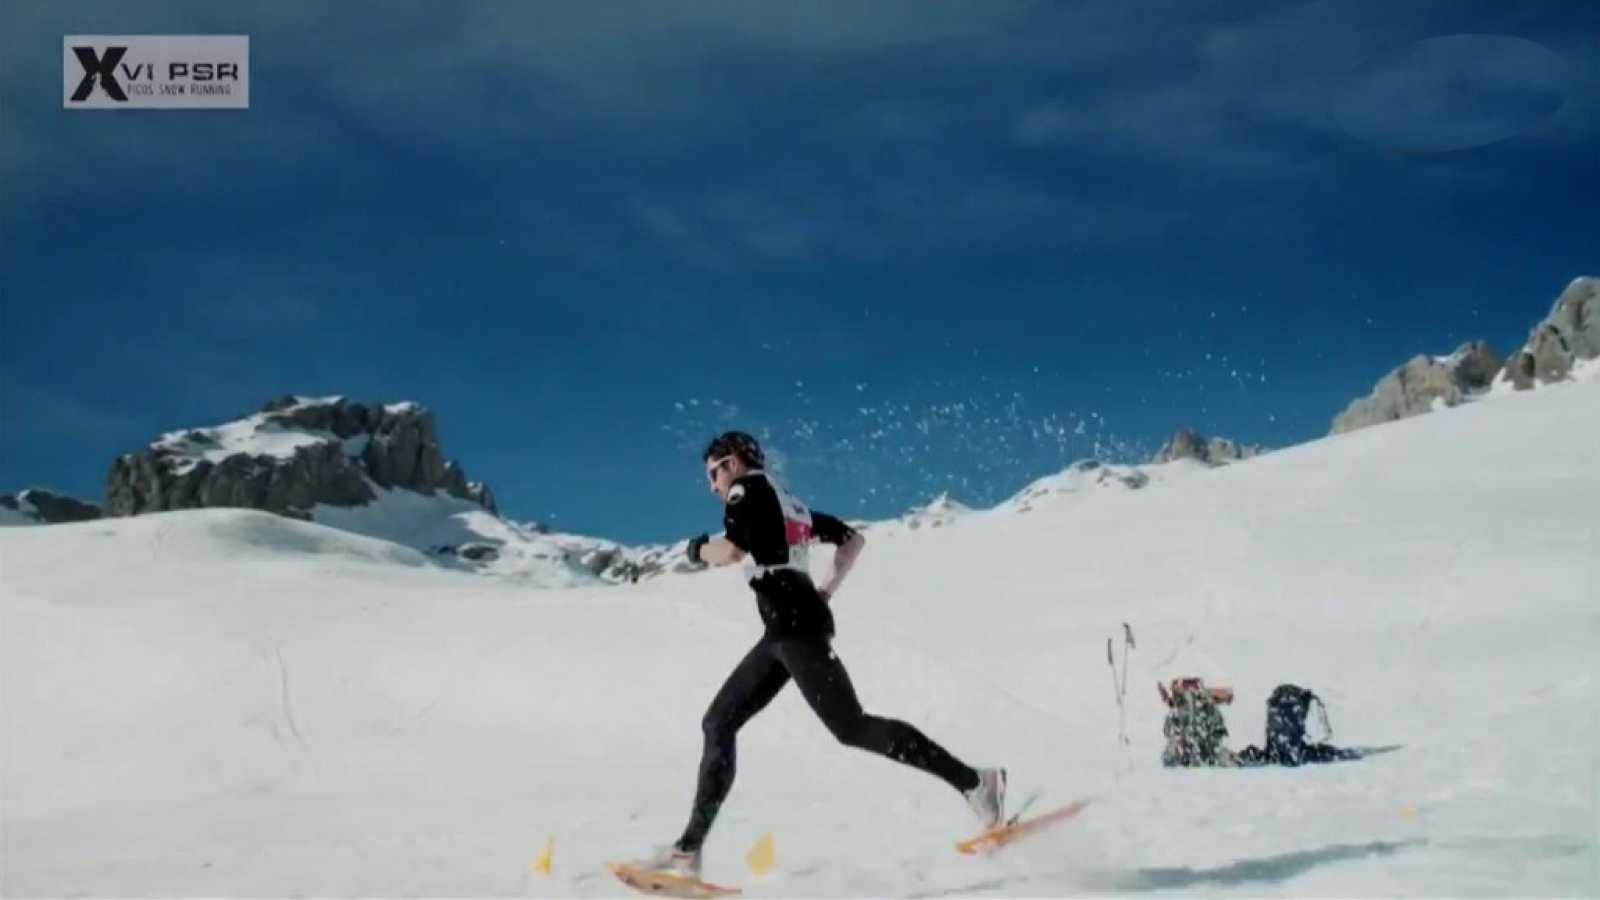 1bf741dbf6930 Para todos los públicos Deporte de Montaña - Campeonato de España de  Raquetas de Nieve 2019 - ver ahora reproducir video